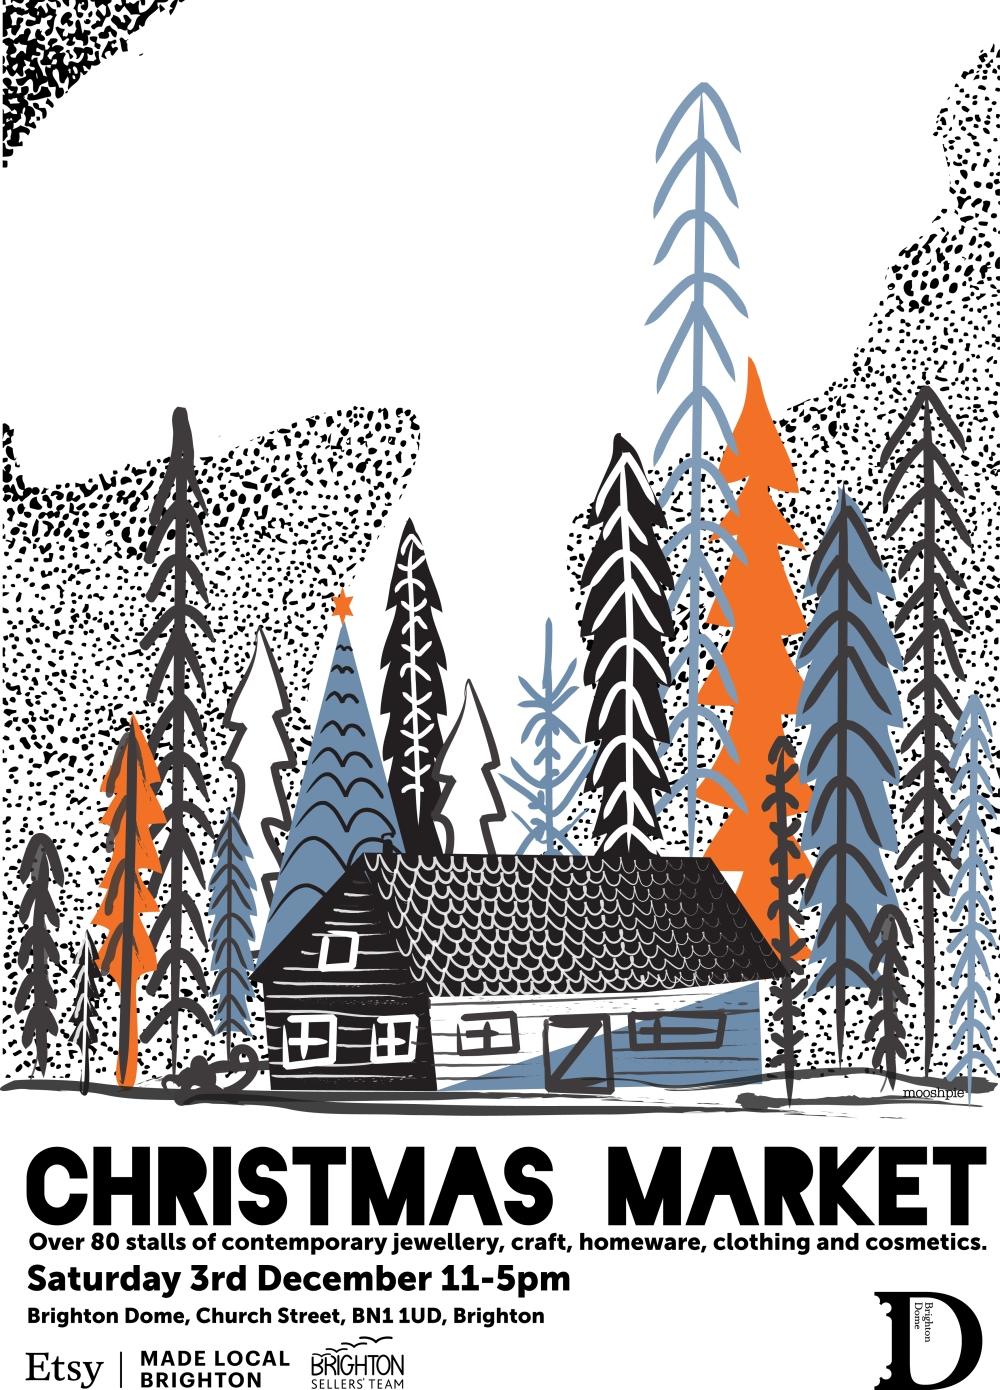 brighton etsy christmas market